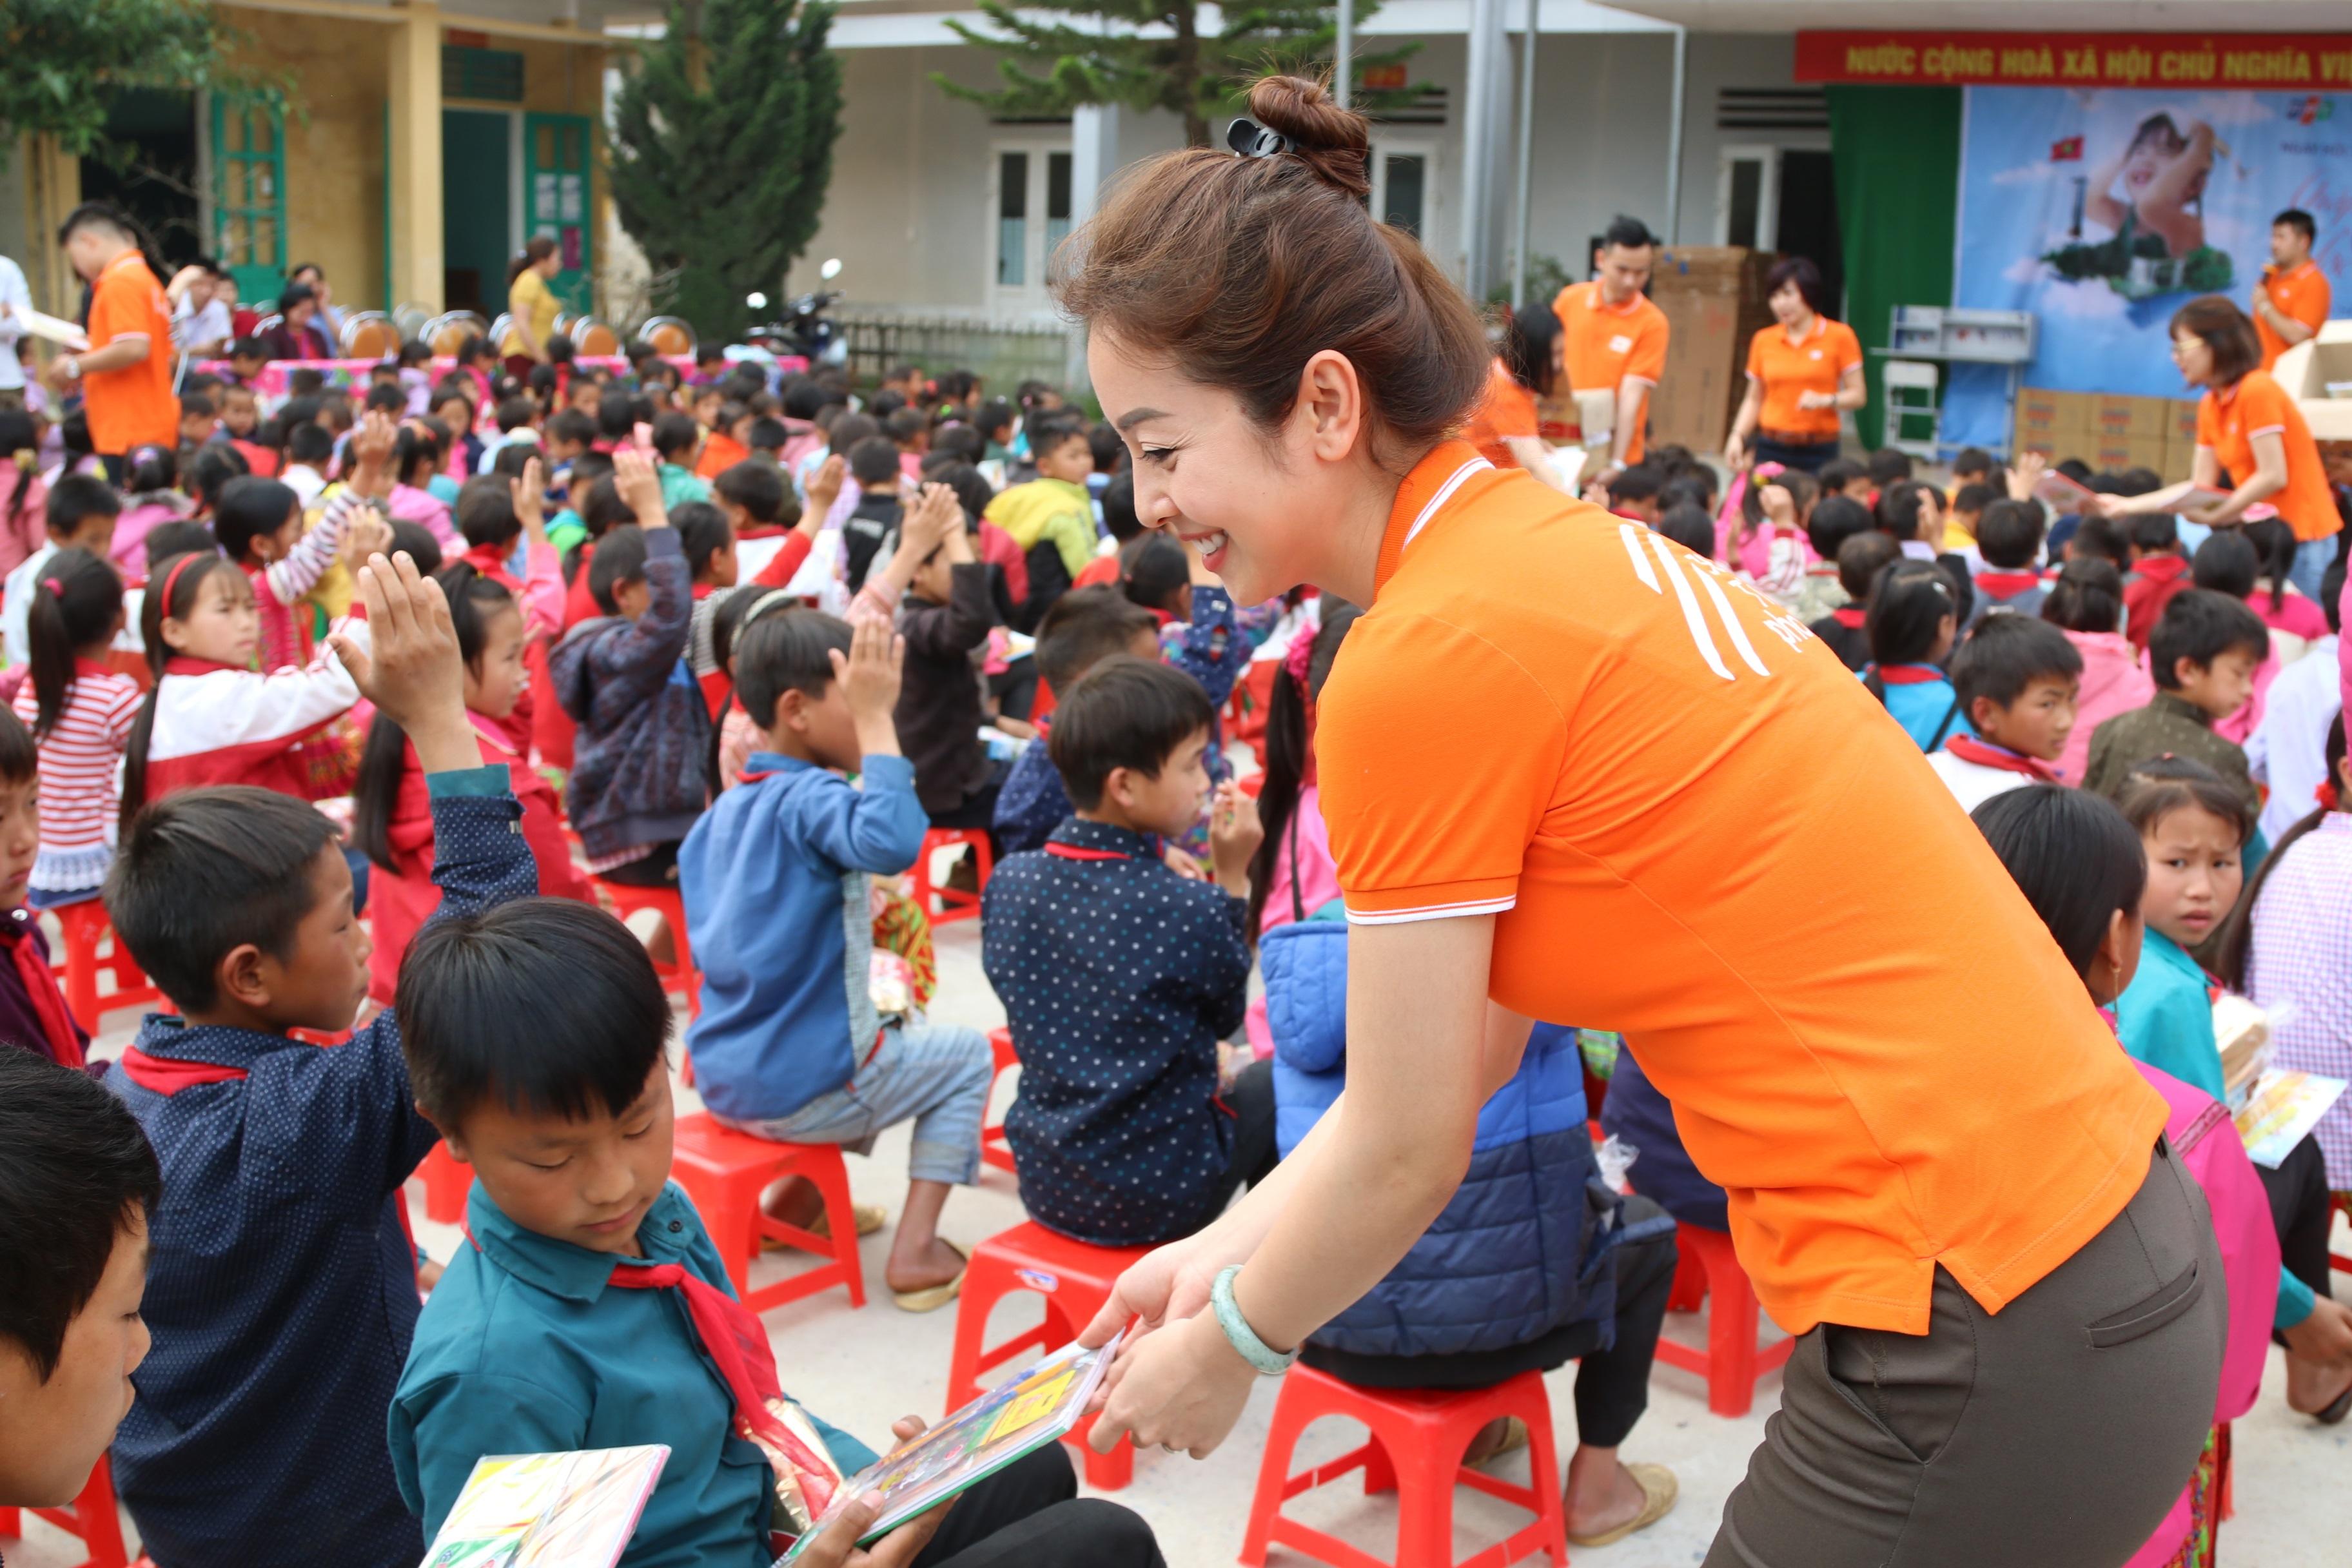 Điều kiện học tập và sinh hoạt của các em nơi đây rất khó khăn và thiếu thốn, Jennifer Phạm cùng đoàn FPT hy vọng những phần quà nhỏ sẽ giúp các em lạc quan hơn.